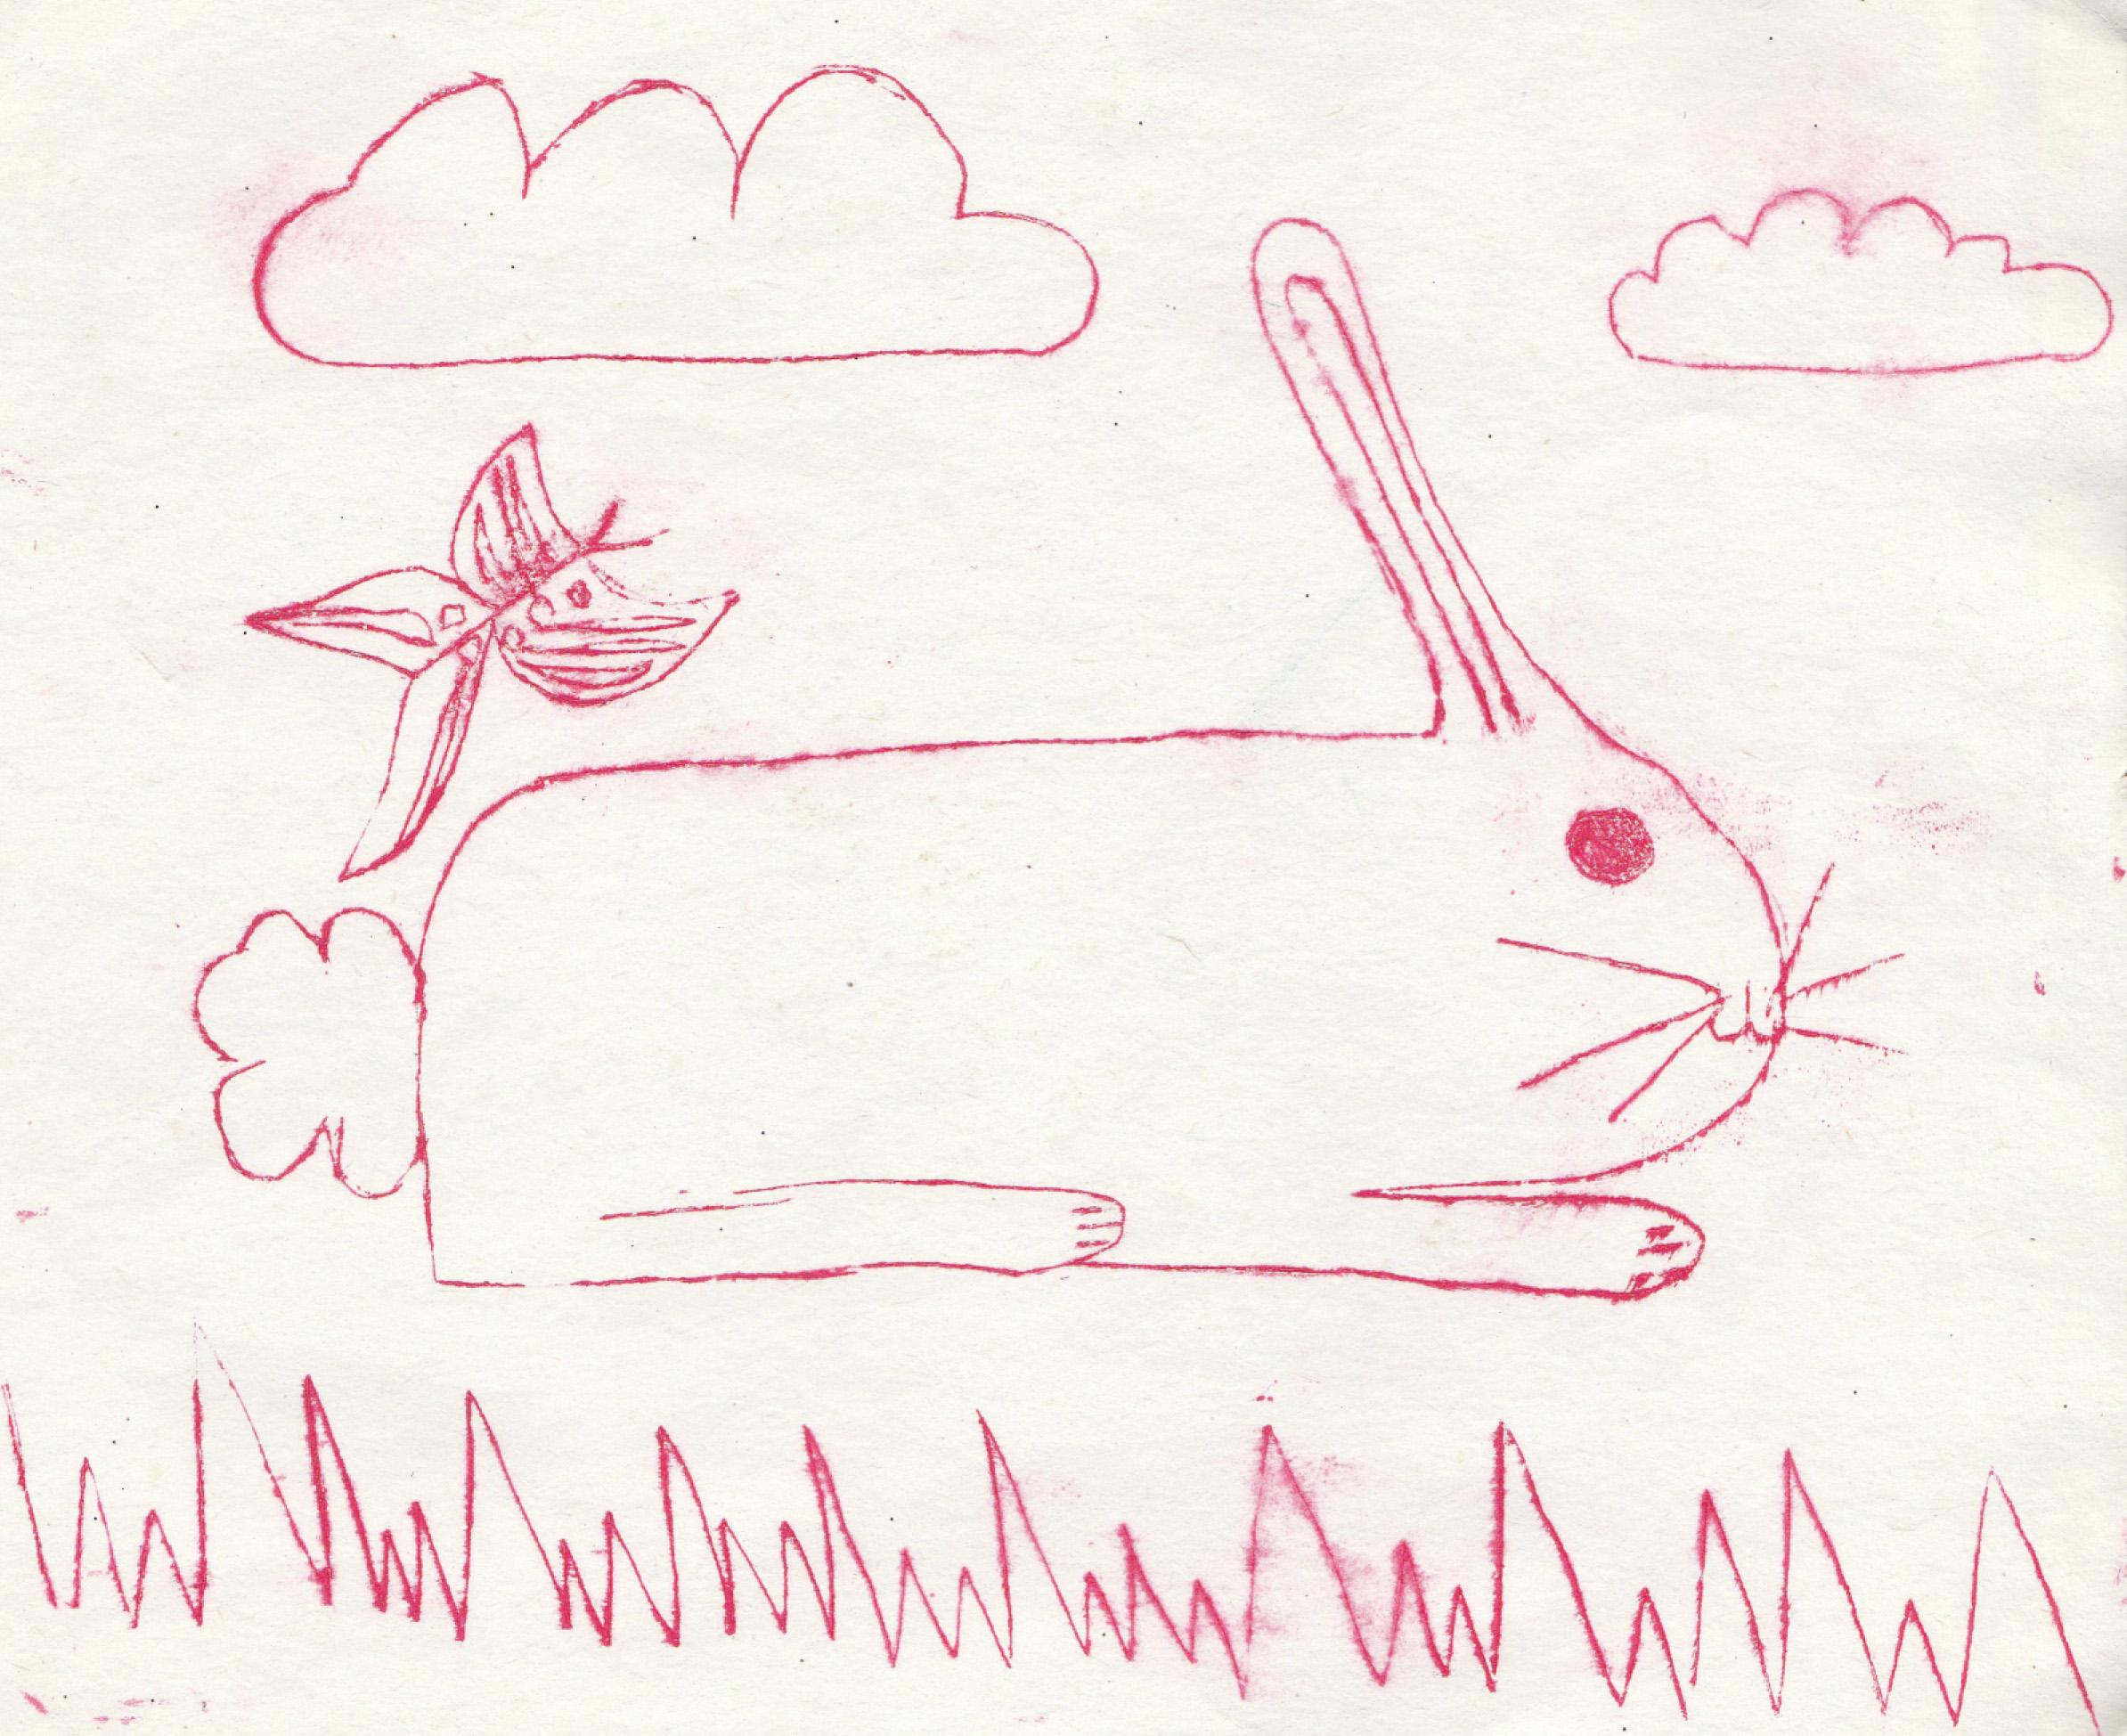 Zīmējumā ir attēlots zaķis, kas guļ zālītē. Virs zaķiša lidinās taurenītis. Debesīs ir divi mākonīši. Zīmējums ir lineārs, krāsains.